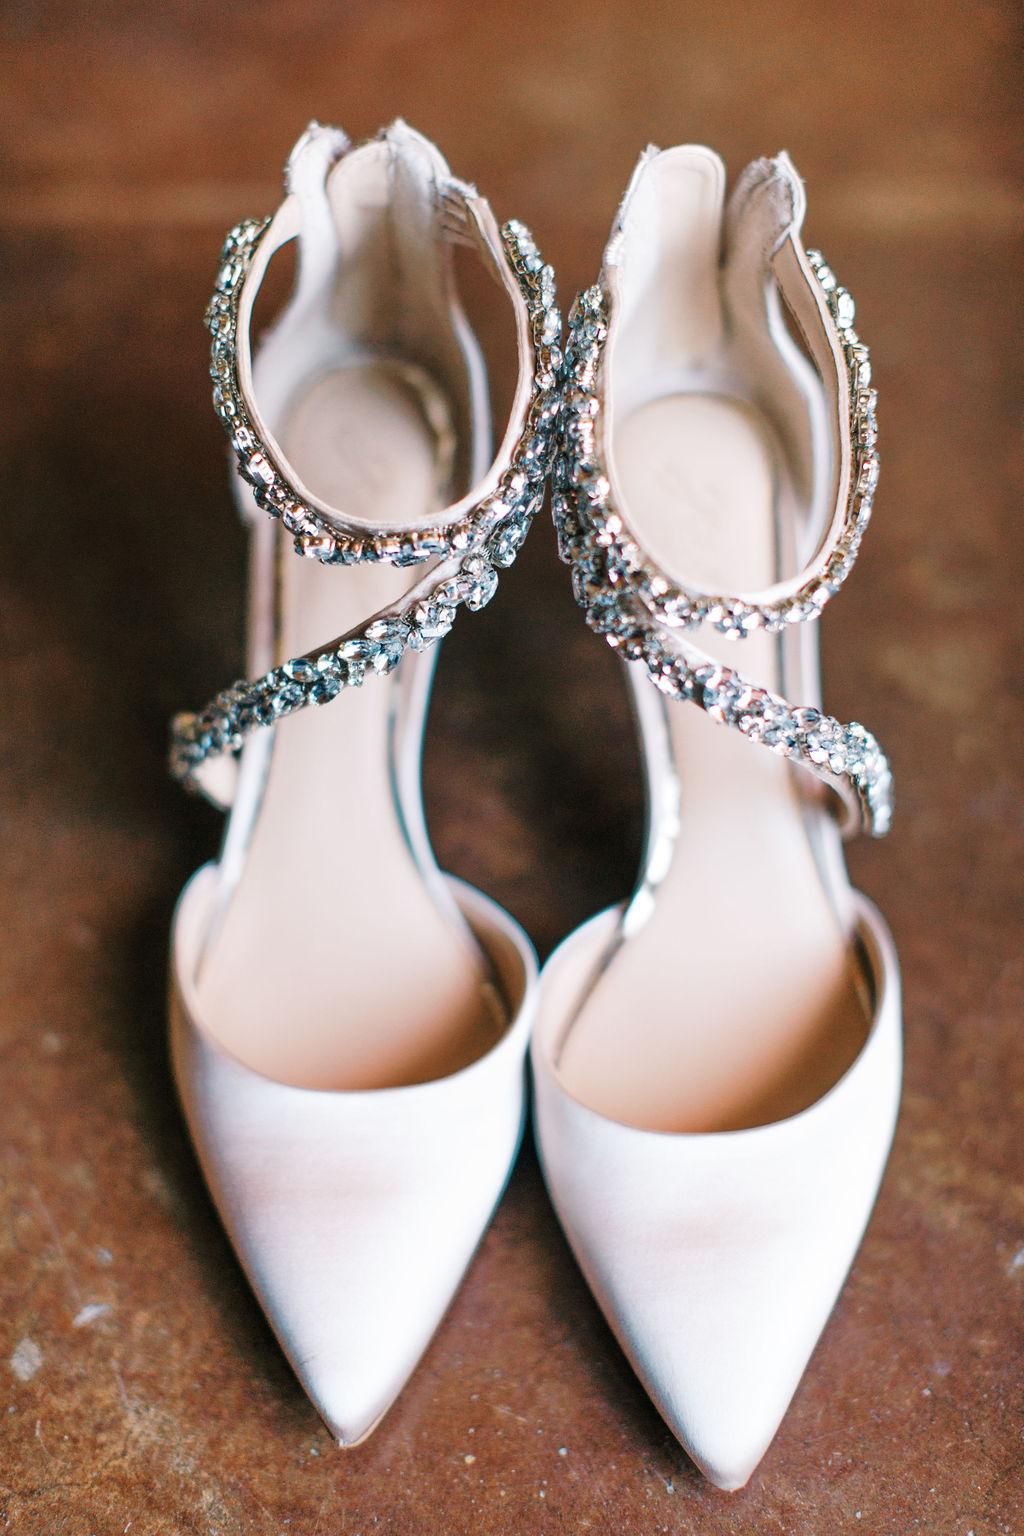 meagan robert bride's wedding shoes